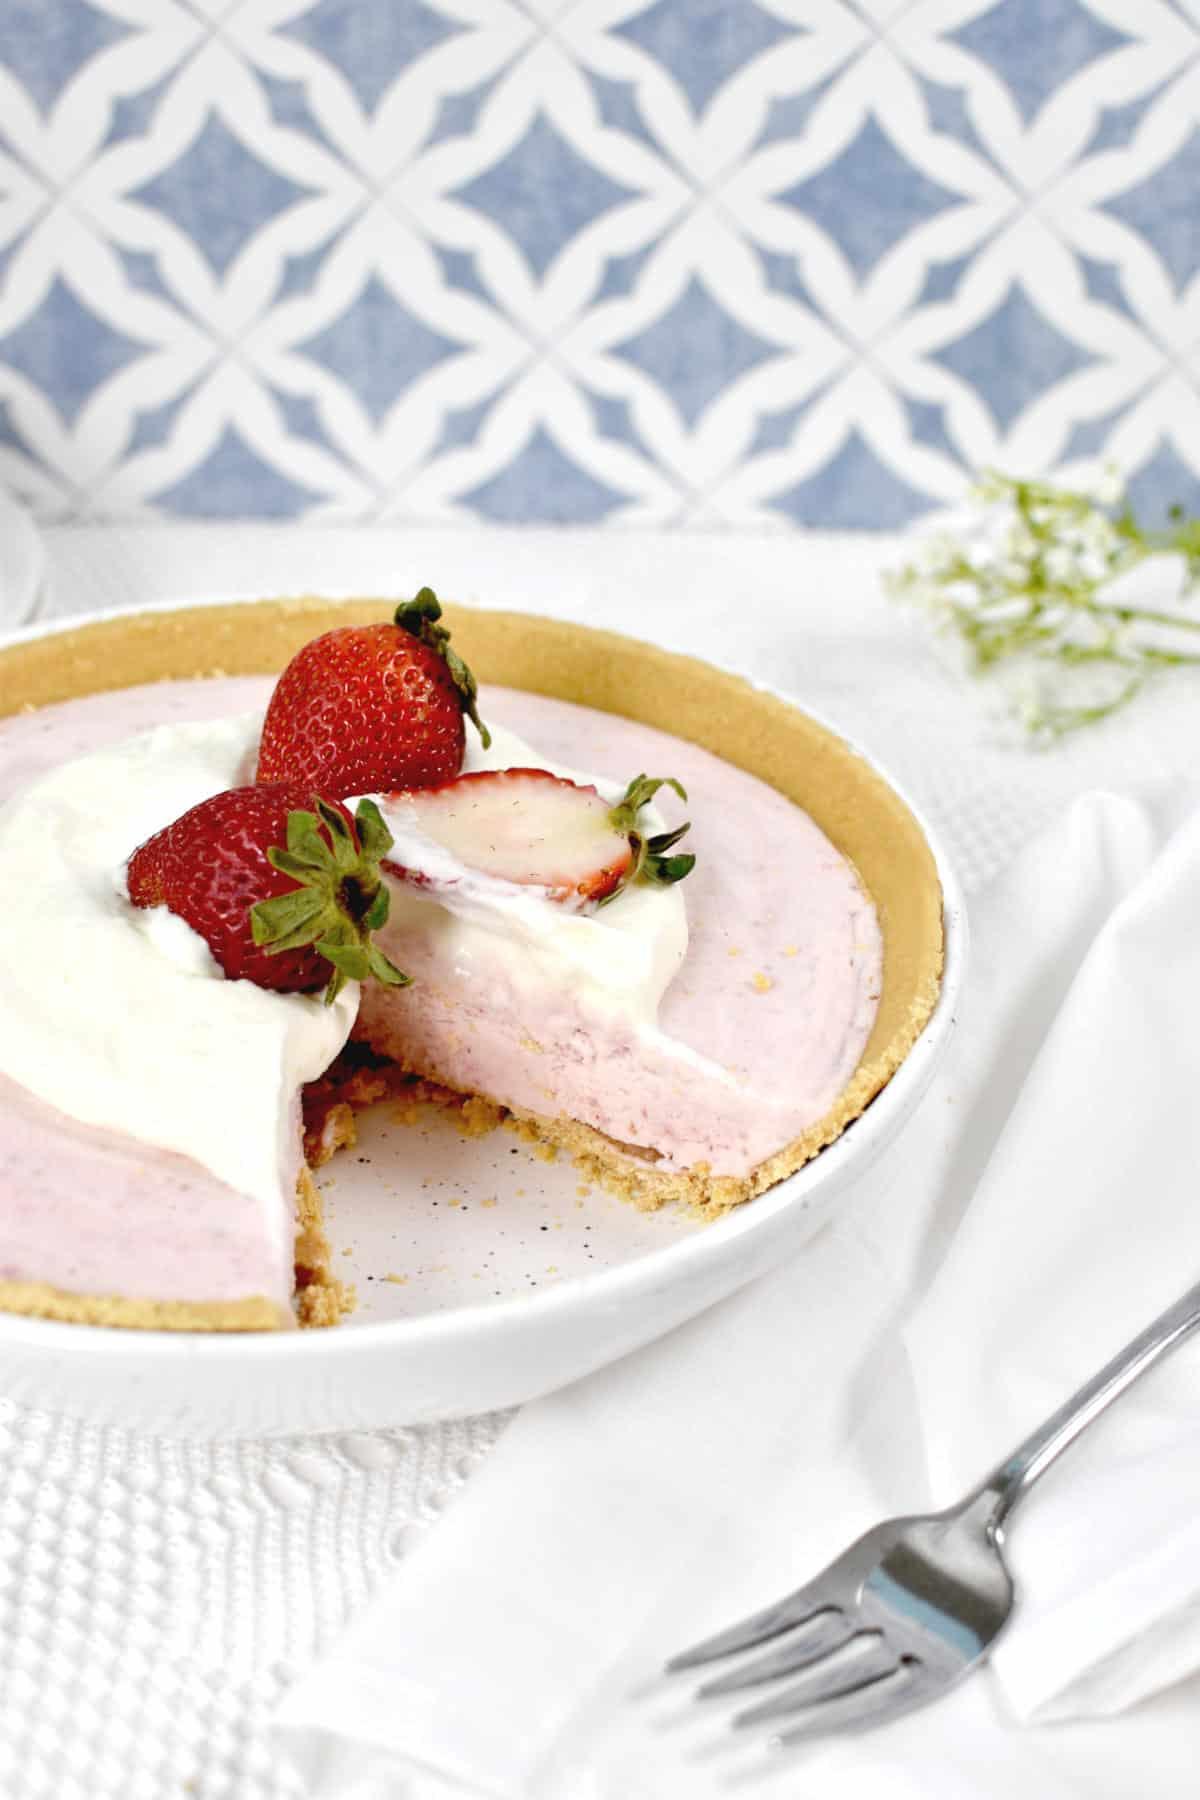 torta de morango cortada, faltando um pedaço, com chantilly e morangos por cima